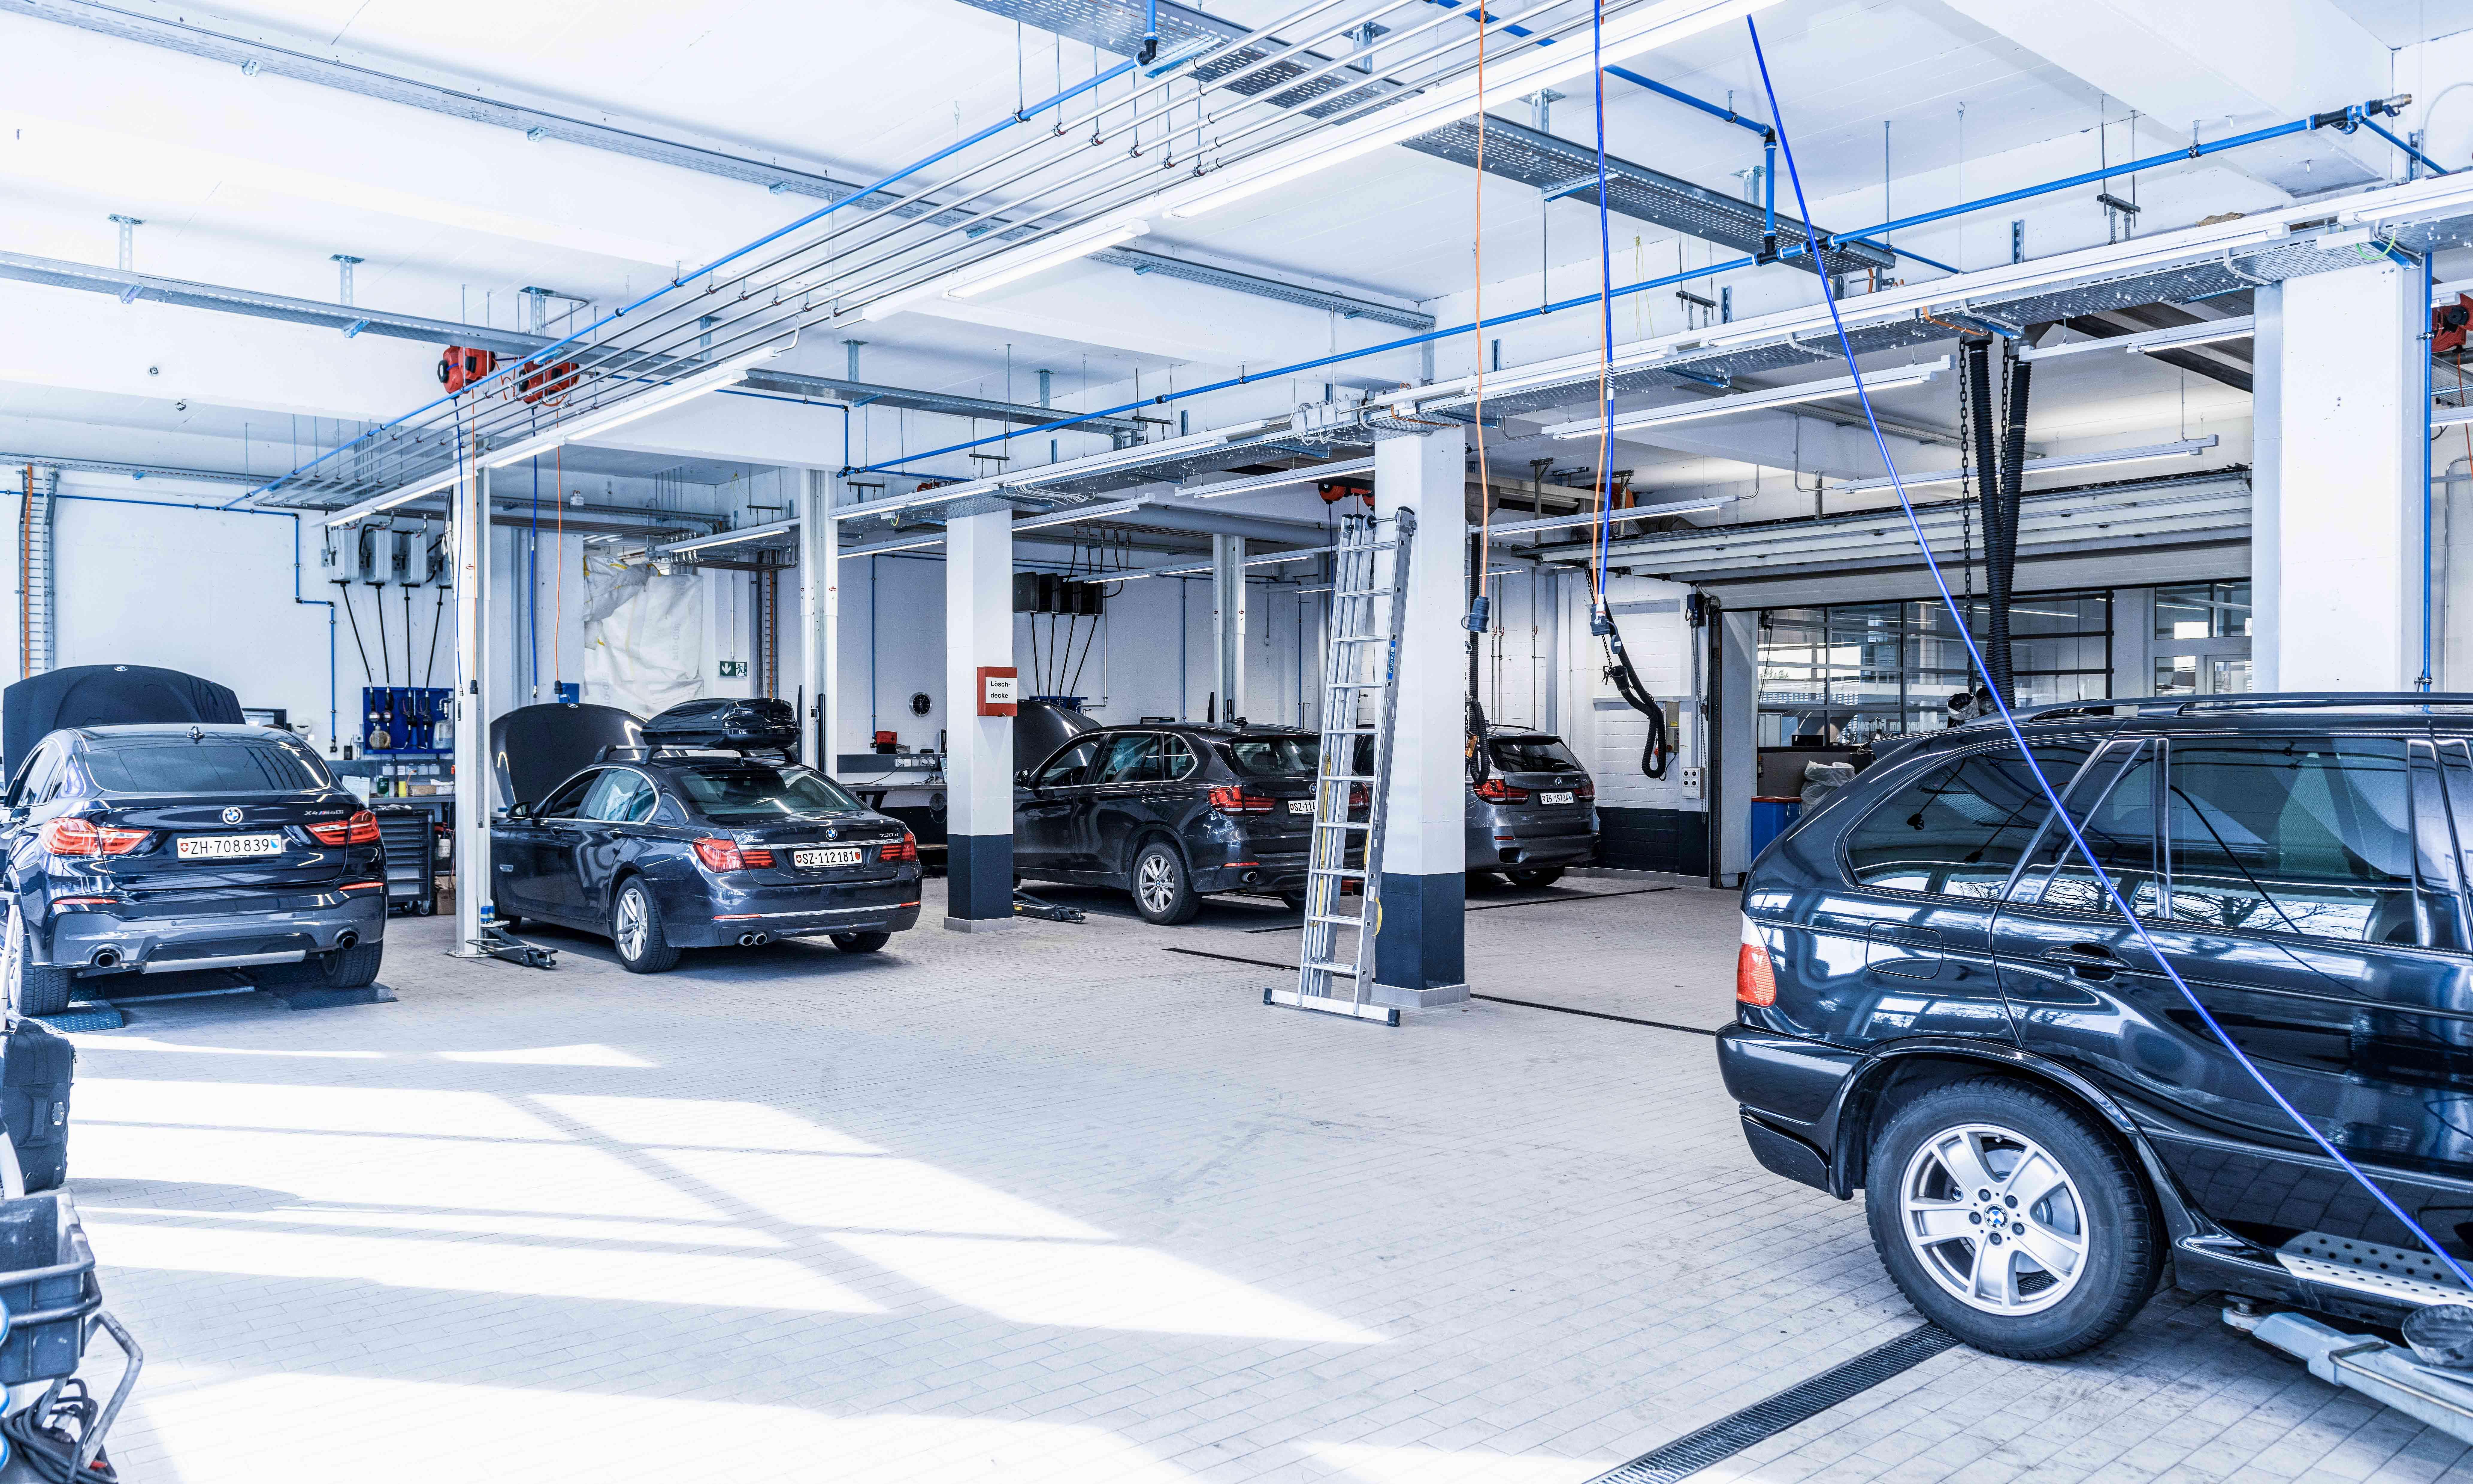 ewh-Referenz-Seeblick-Garage-3